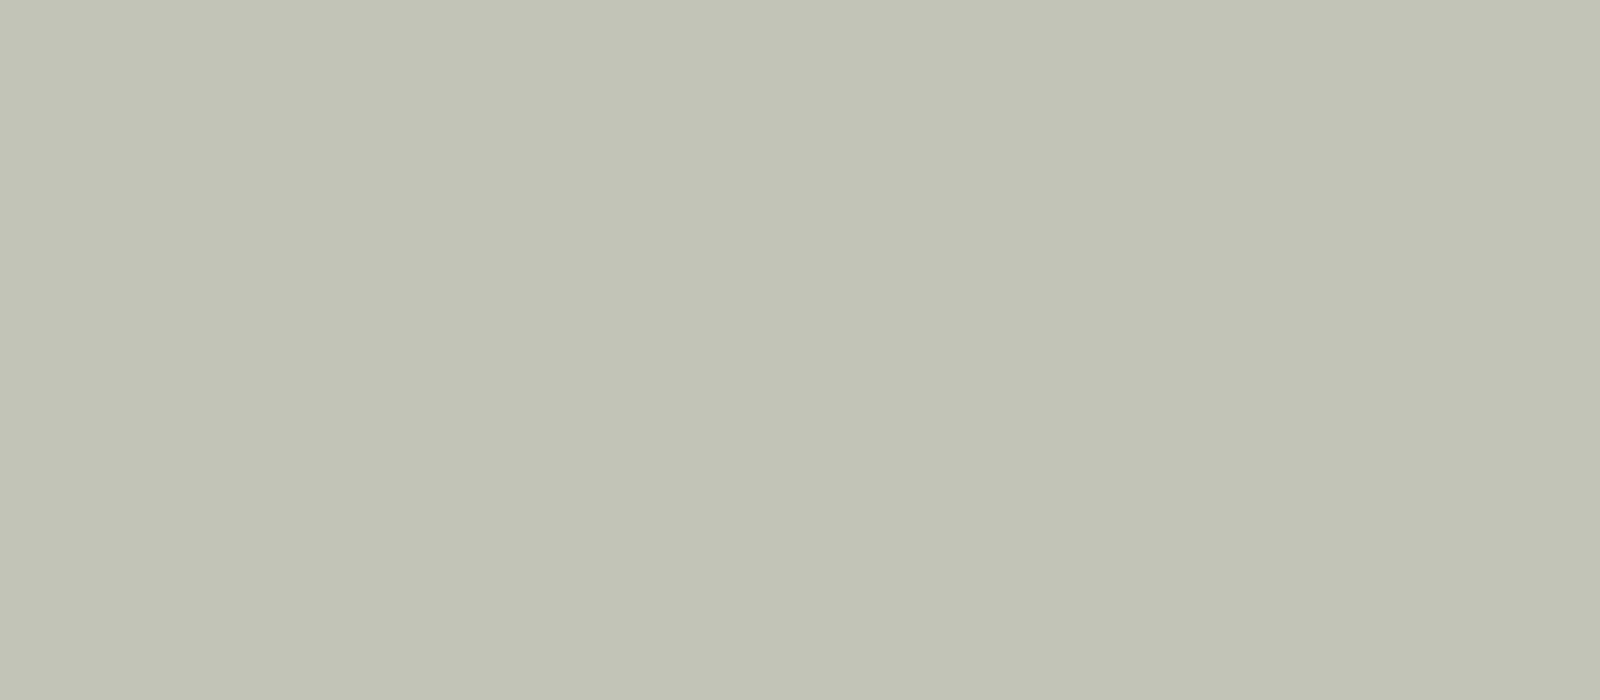 colore classico muschel        0,40 1420